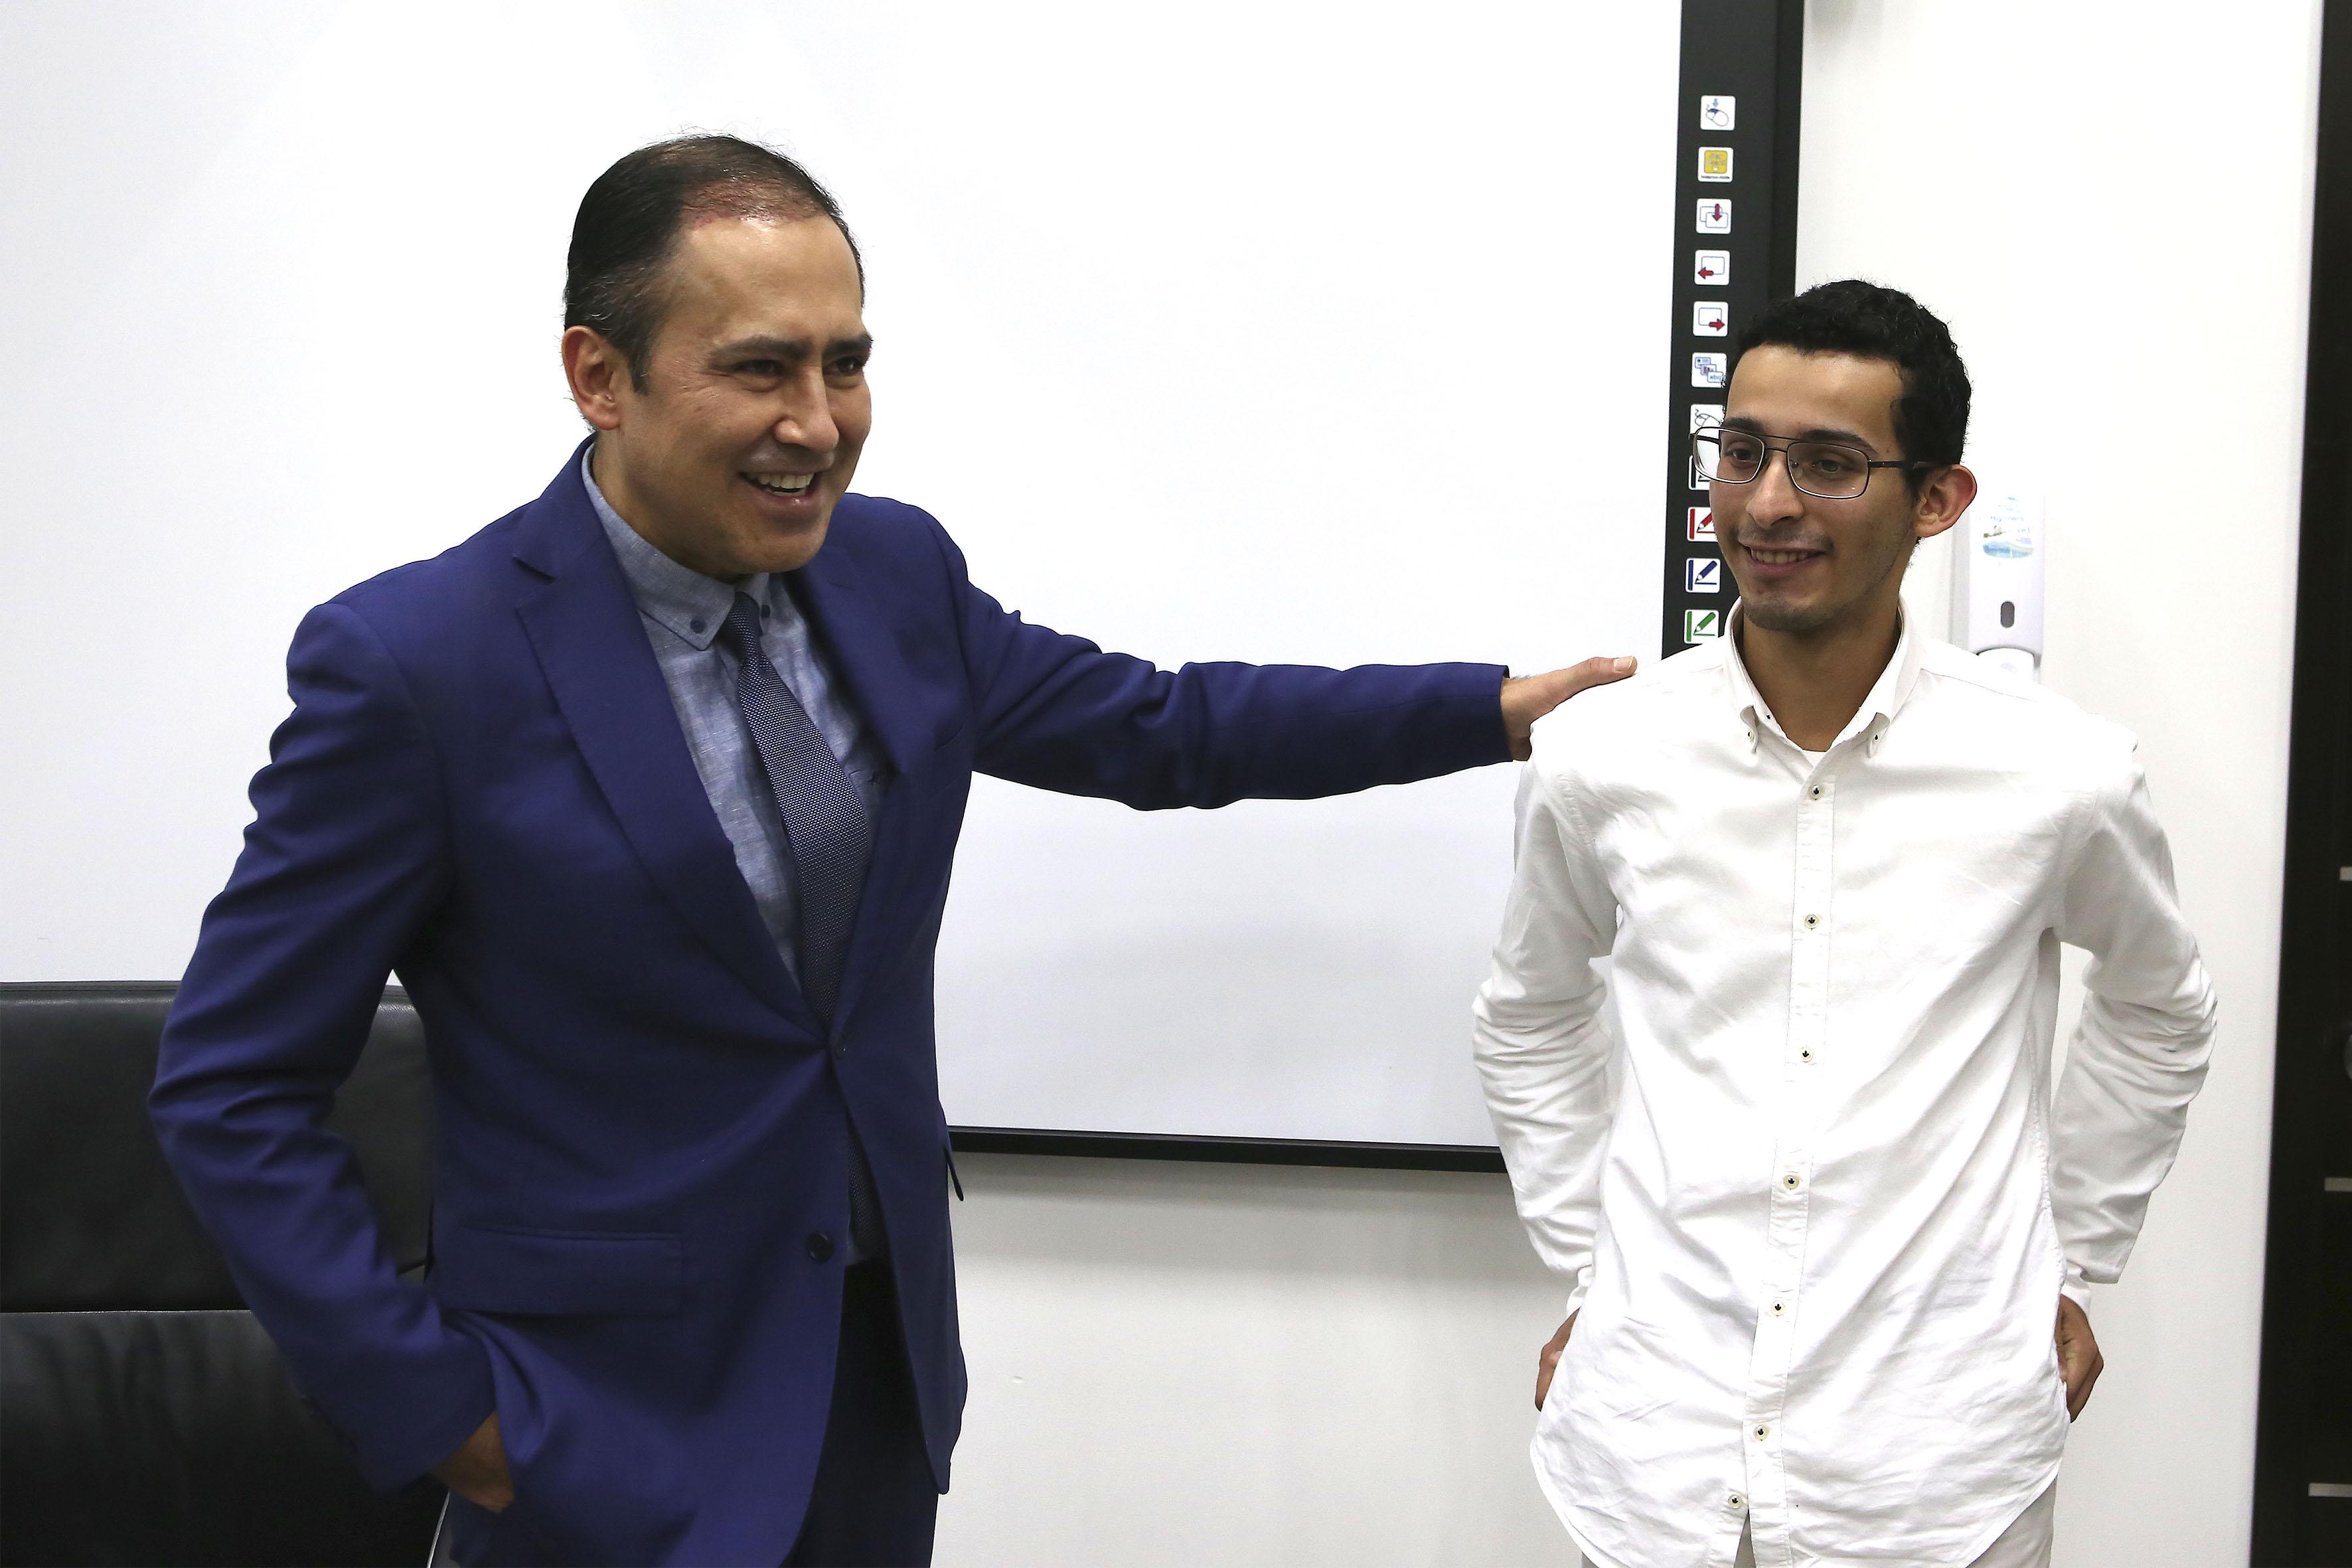 Doctor Jaime Andrade Villanueva, Rector del Centro Universitario de Ciencias de la Salud (CUCS), interactuando con el estudiante competidor, Demetrio Agustín Rodríguez Fajardo.